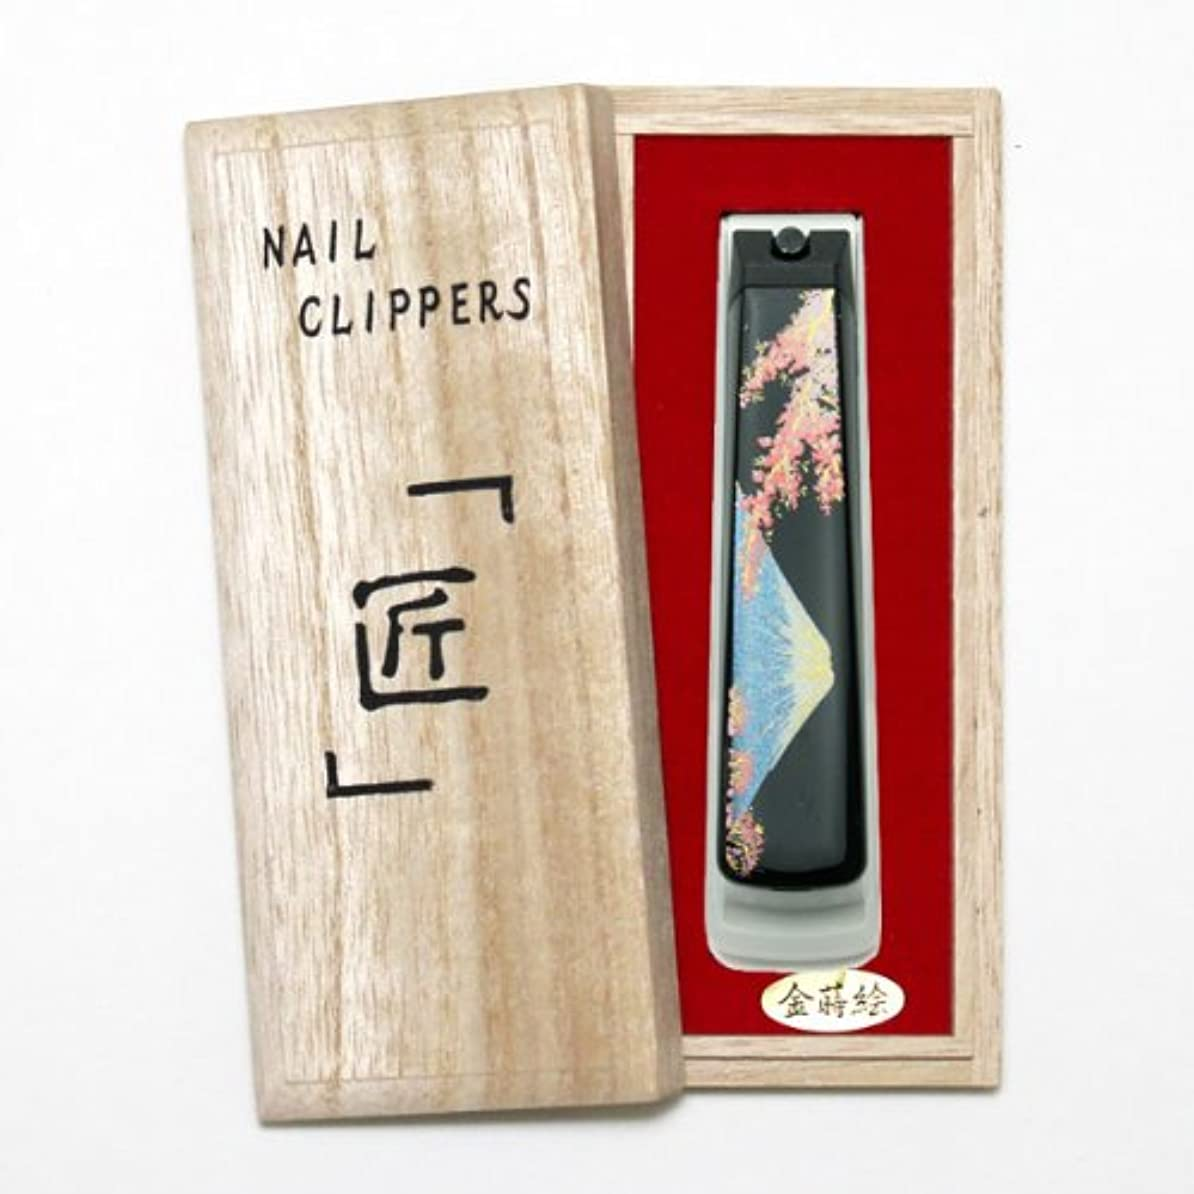 抑圧する定期的に相互橋本漆芸 蒔絵爪切り ミニサイズ 富士に桜 桐箱